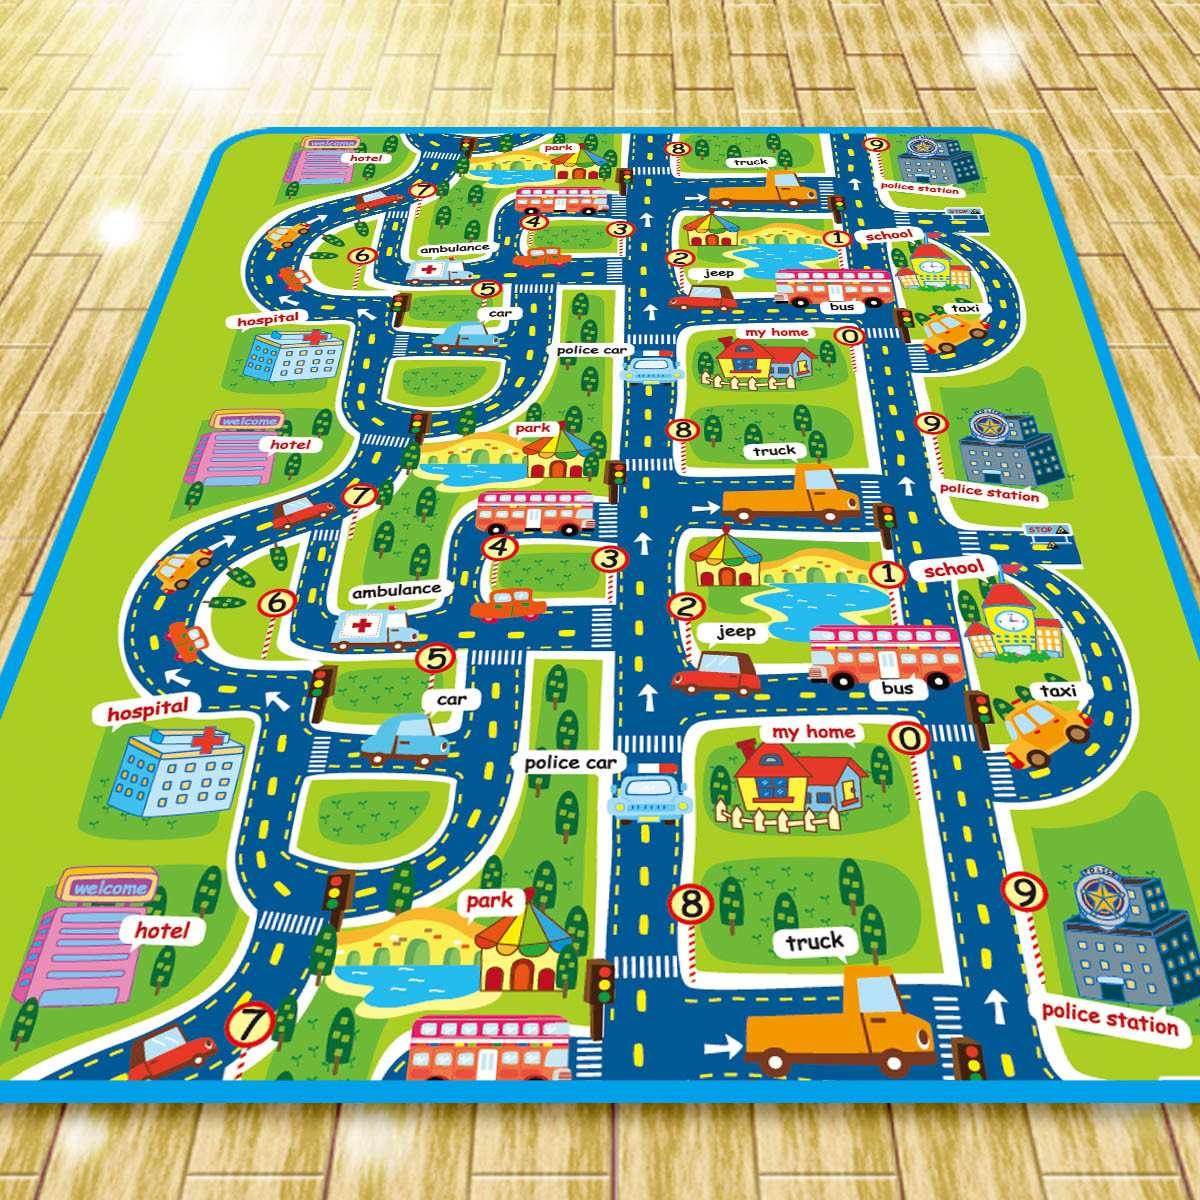 Pliant PE coton tapis de jeu bébé enfants Gym jouant ramper tapis tapis couverture enfants jouet enfant en bas âge tapis de jeu pour bébé 2 tailles